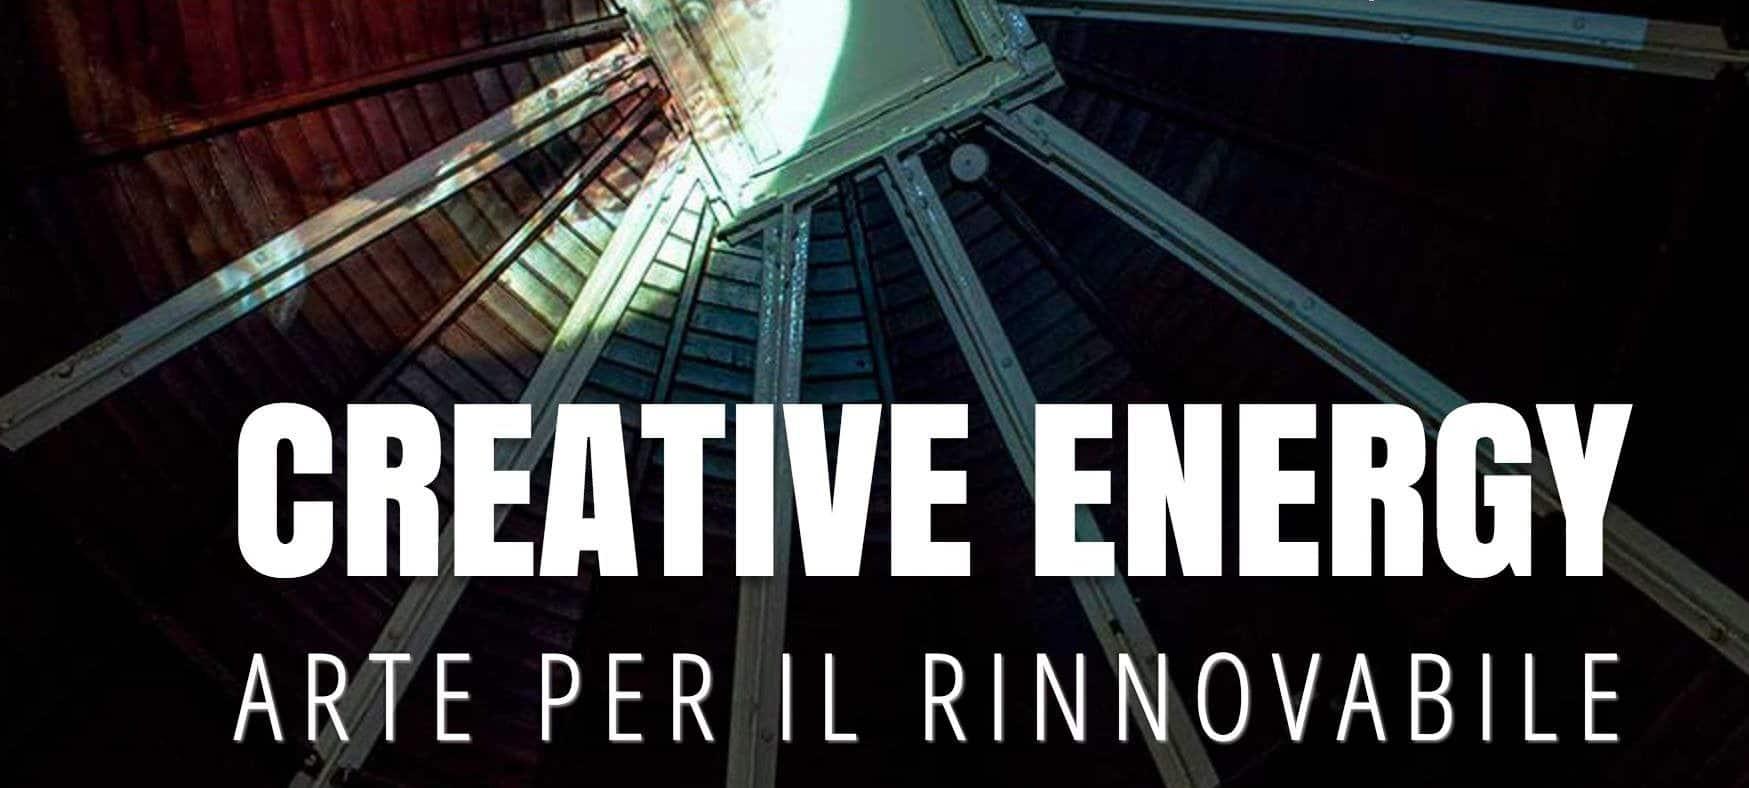 Creative Energy – Arte Per Il Rinnovabile A Milano